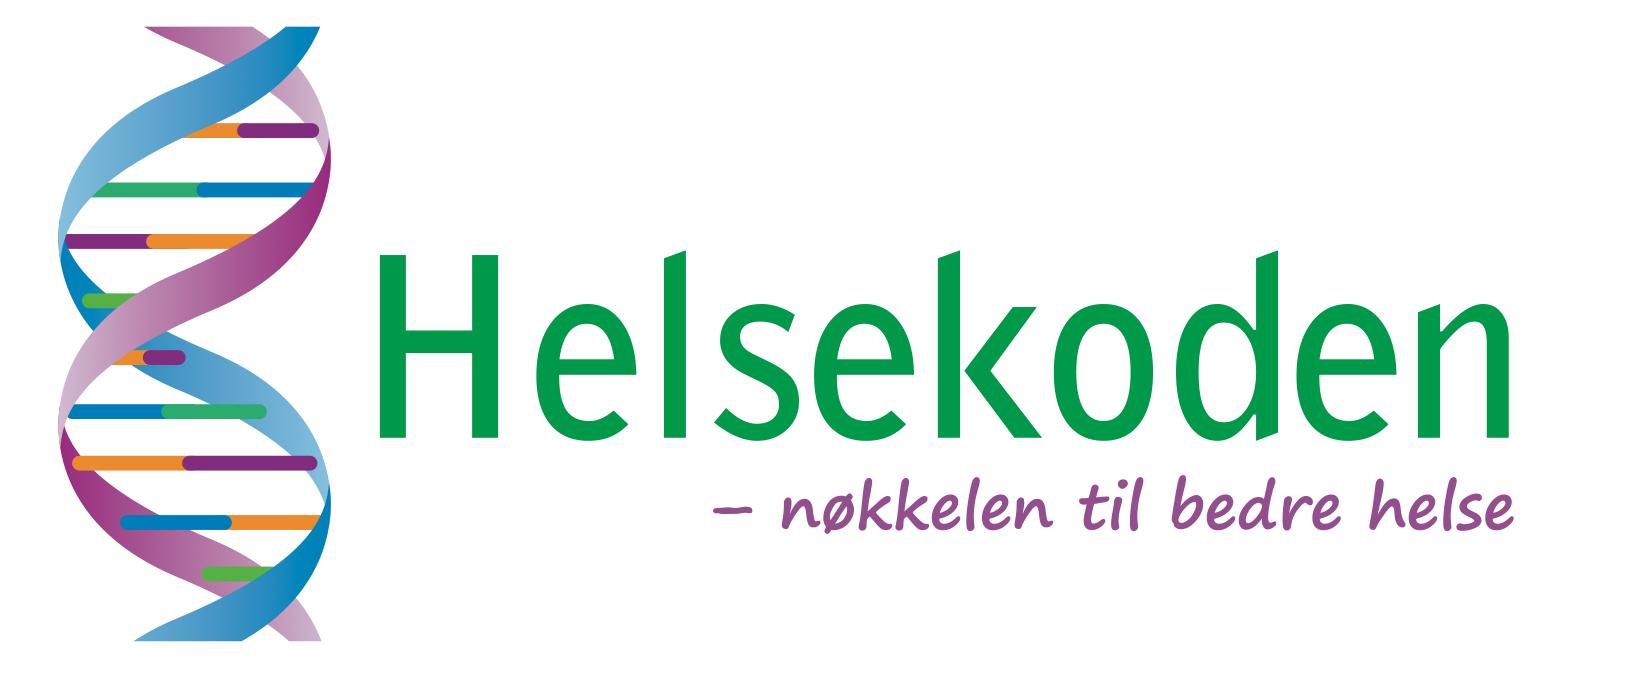 Helsekoden Logo